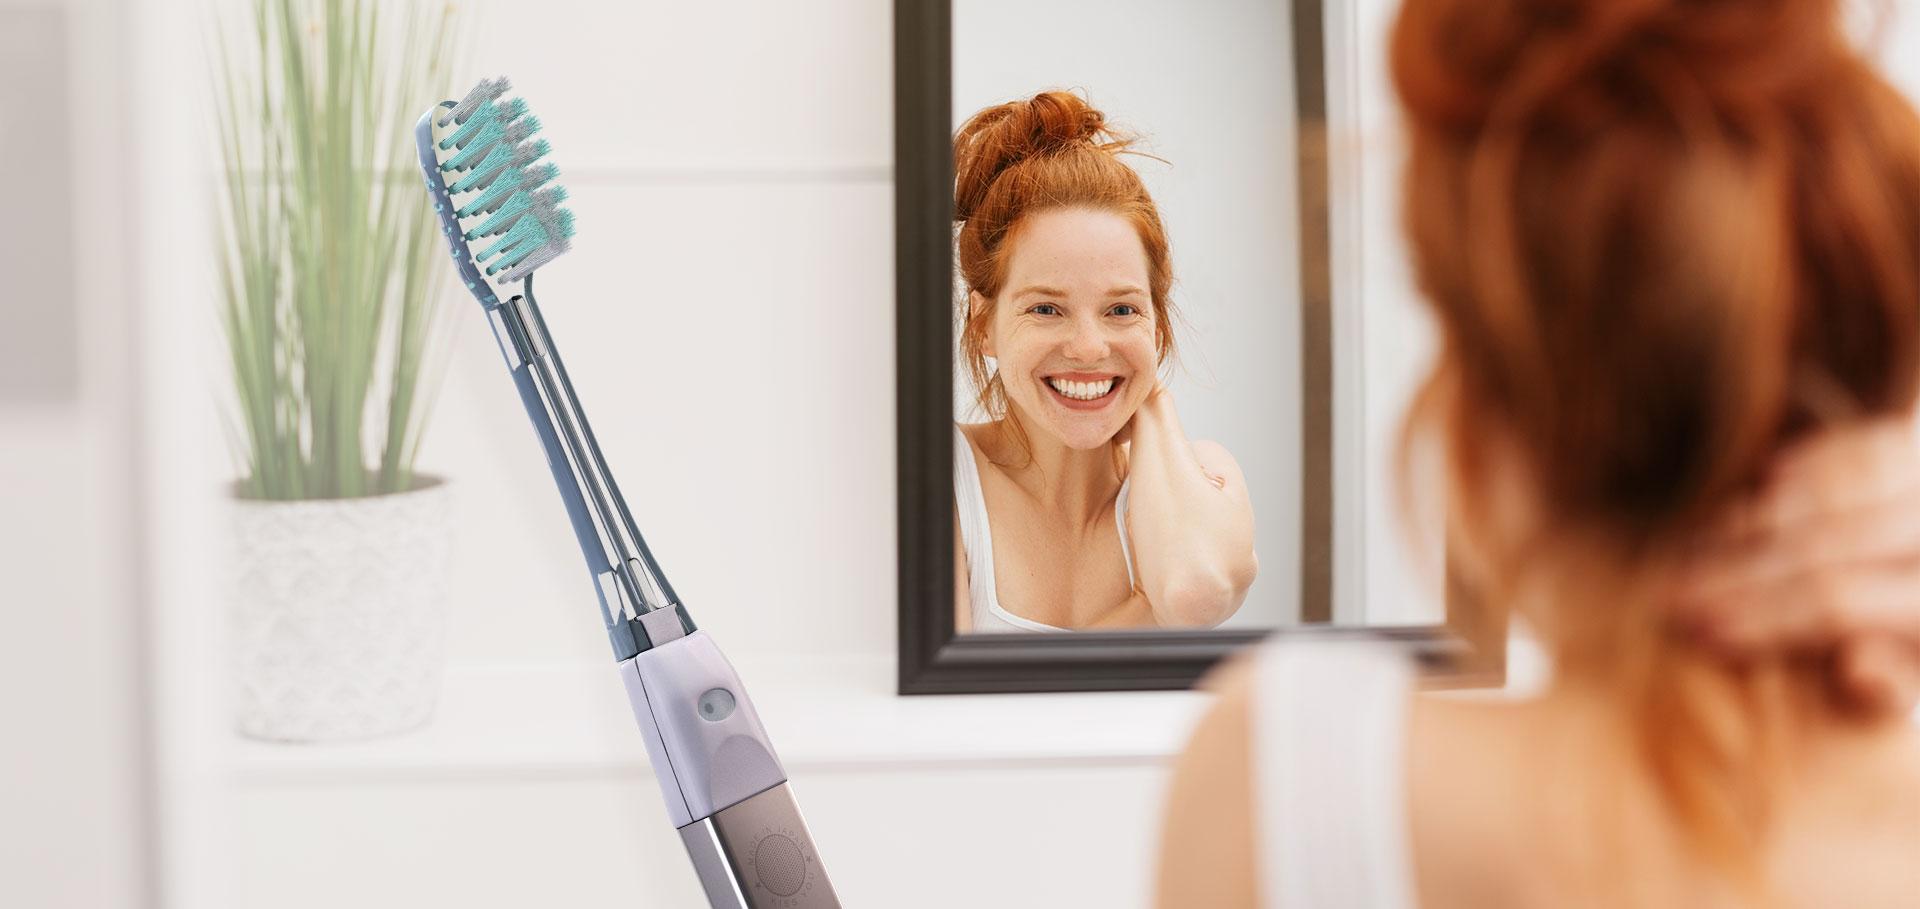 Zubná kefka IONICKISS v kúpelně so slečnou